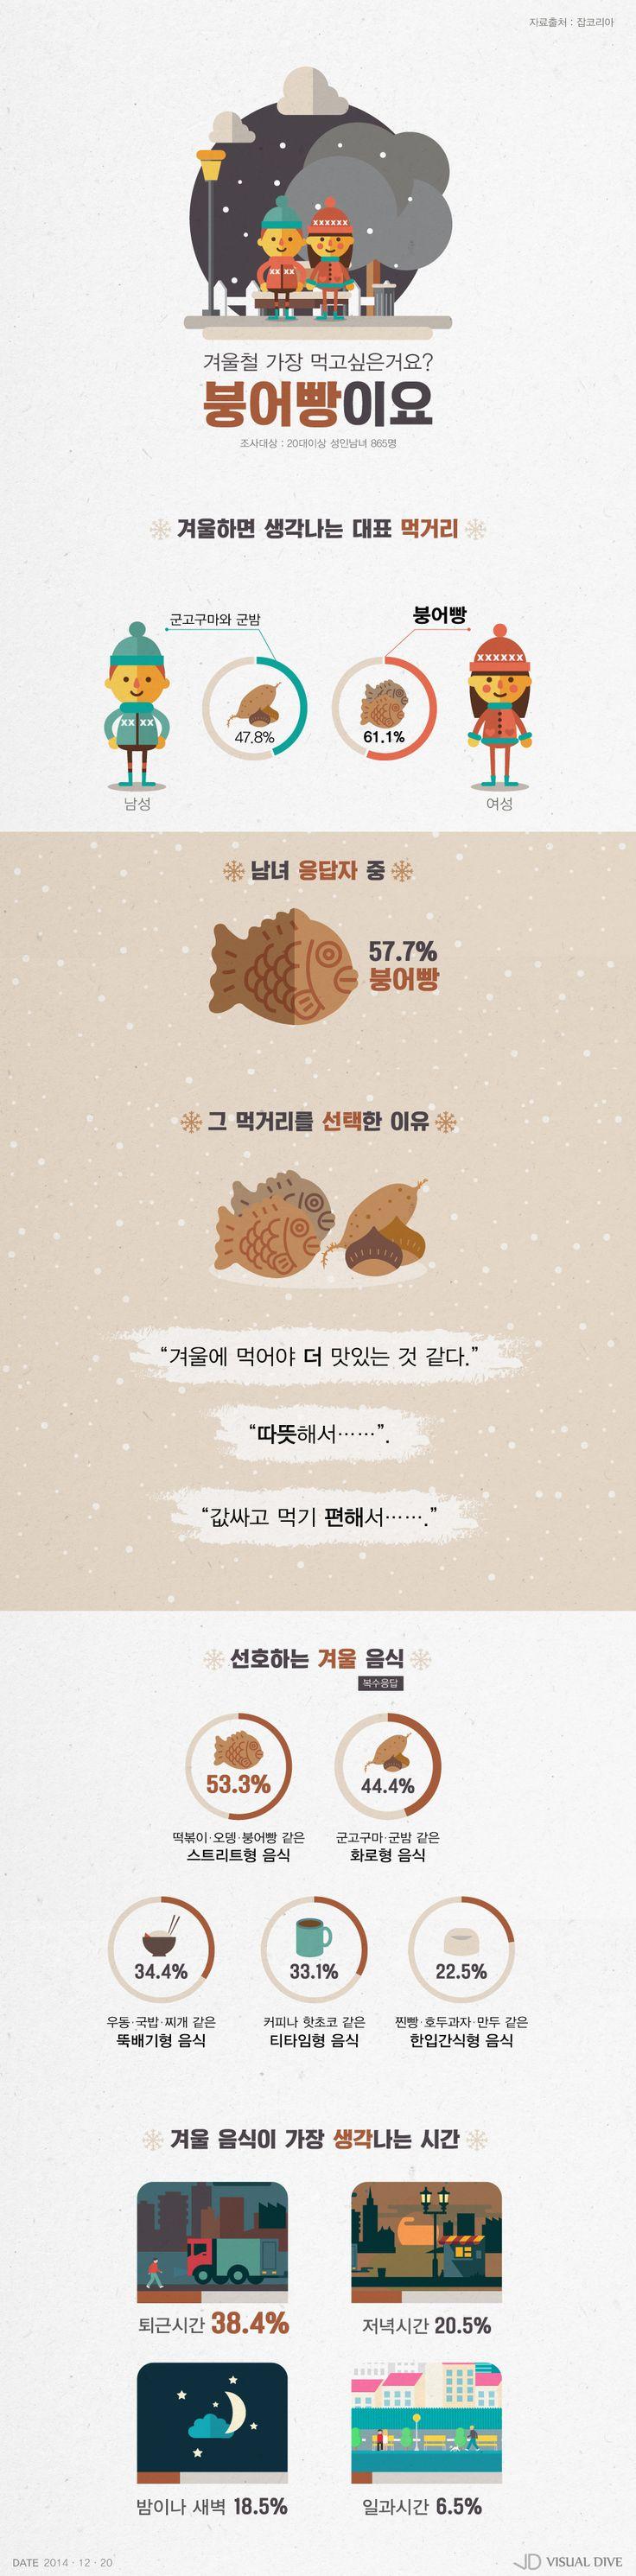 붕어빵, 겨울철 대표 먹거리 1위… 겨울에 먹어야 더 맛있다 [인포그래픽] #street food / #Infographic ⓒ 비주얼다이브 무단 복사·전재·재배포 금지